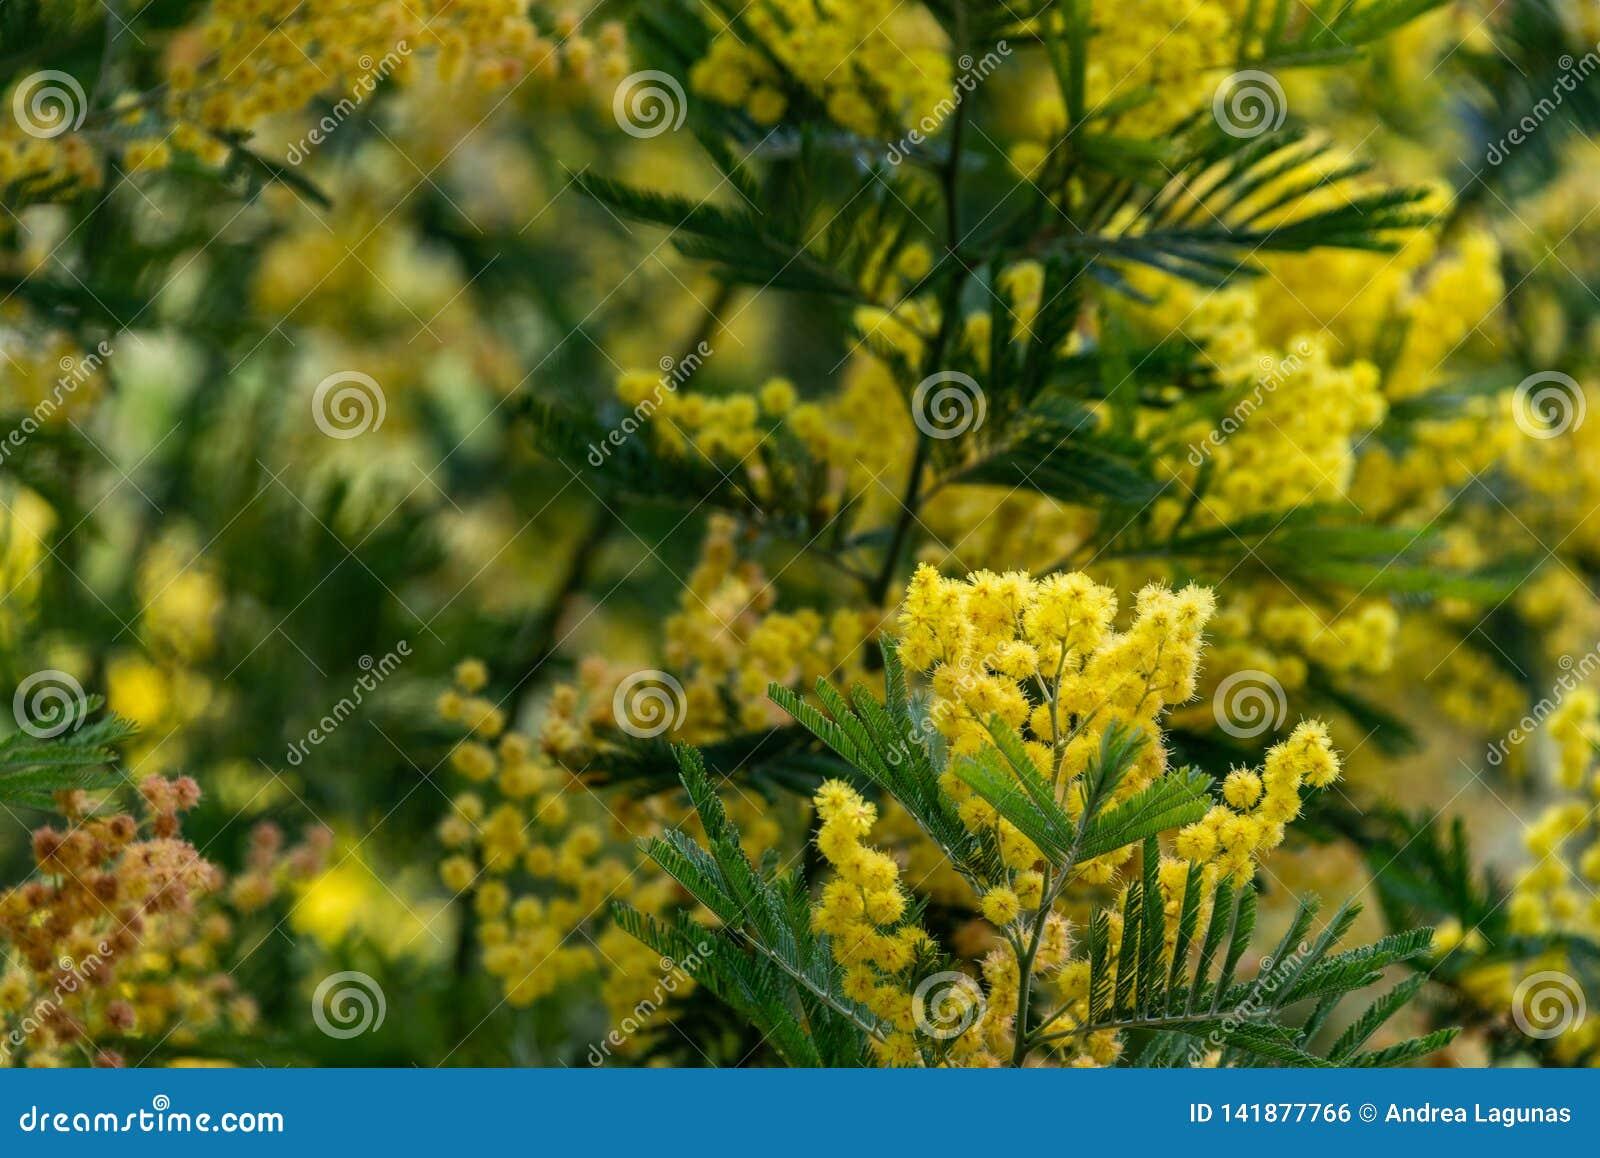 Mimozy drzewo z żółtymi kwiatami